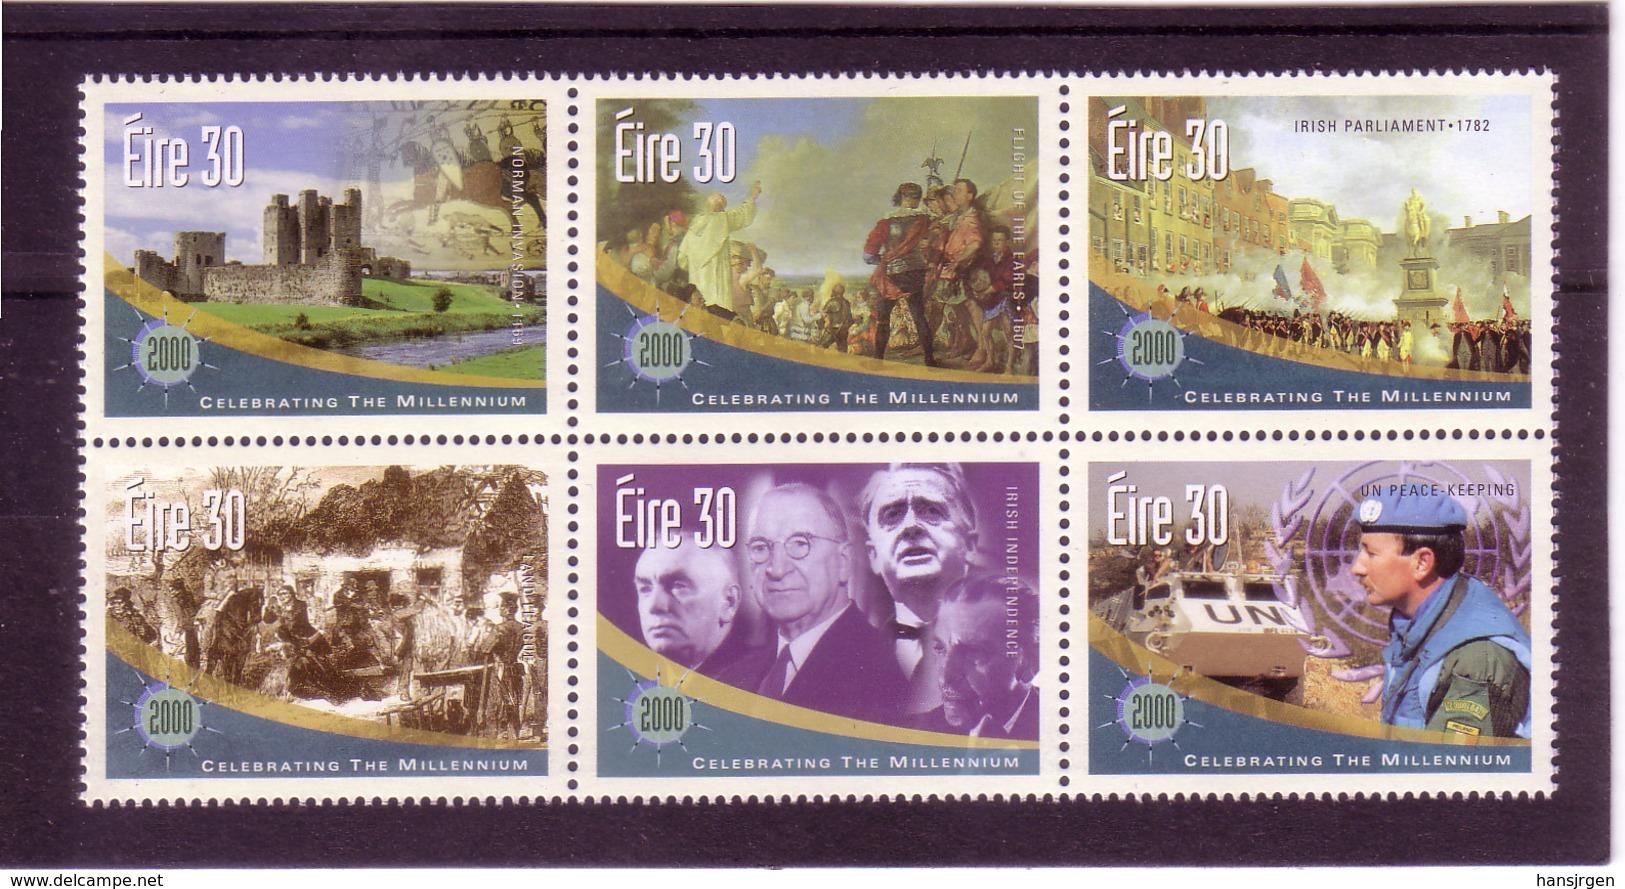 UUU07  IRLAND 2000 Michl 1206/11 SECHSERBLOCK ** Postfrisch Siehe ABBILDUNG - 1949-... République D'Irlande